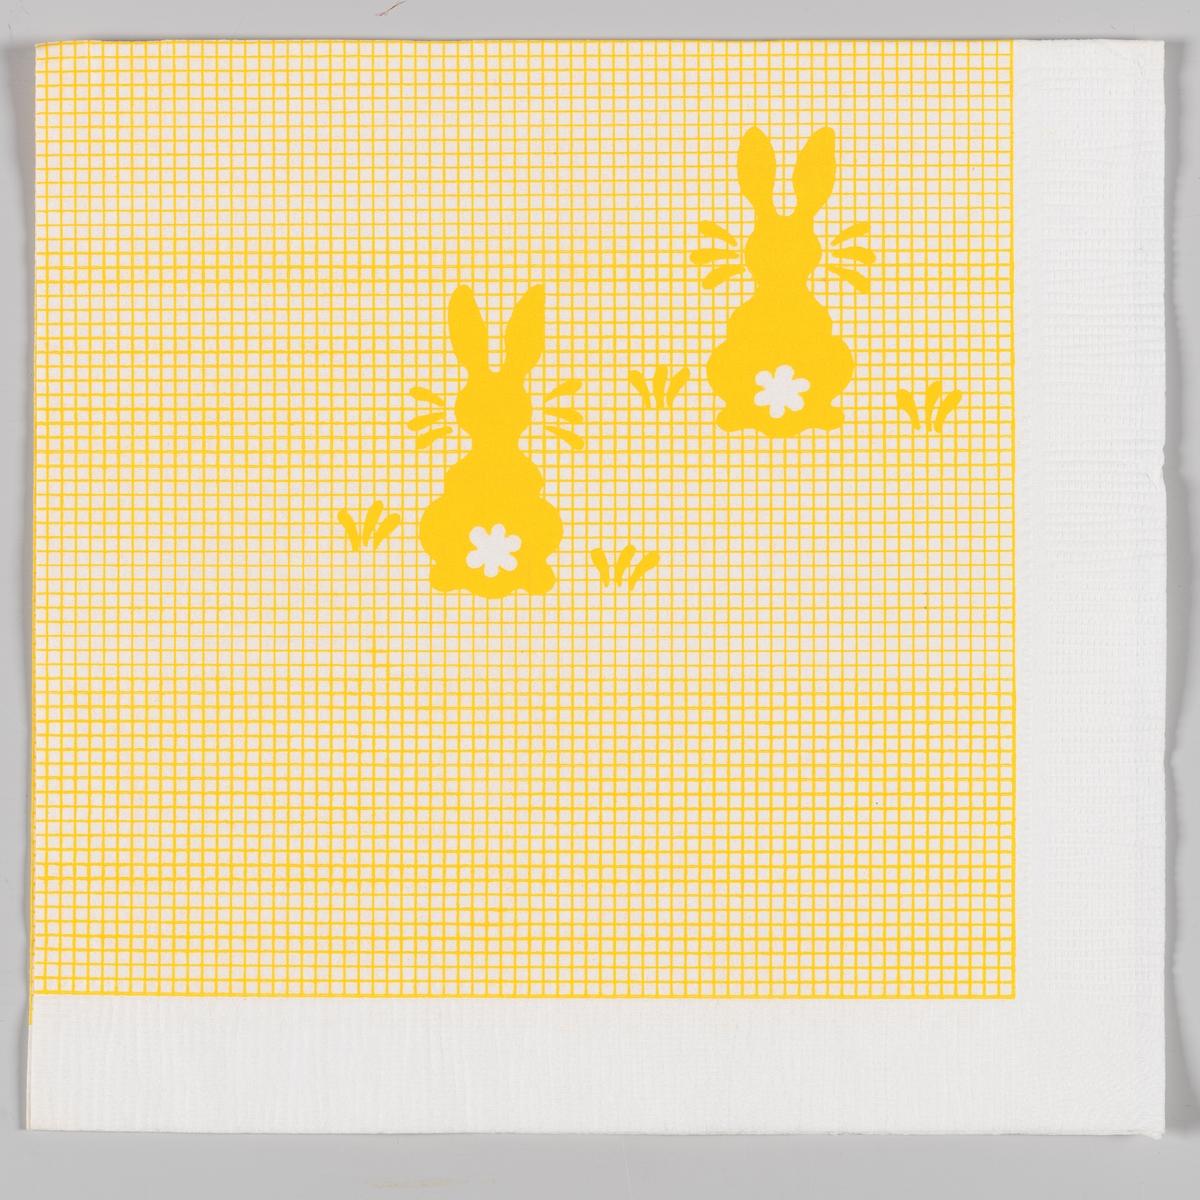 Gul og hvitrutete bakgrunn med to gule harer med hvit halestump